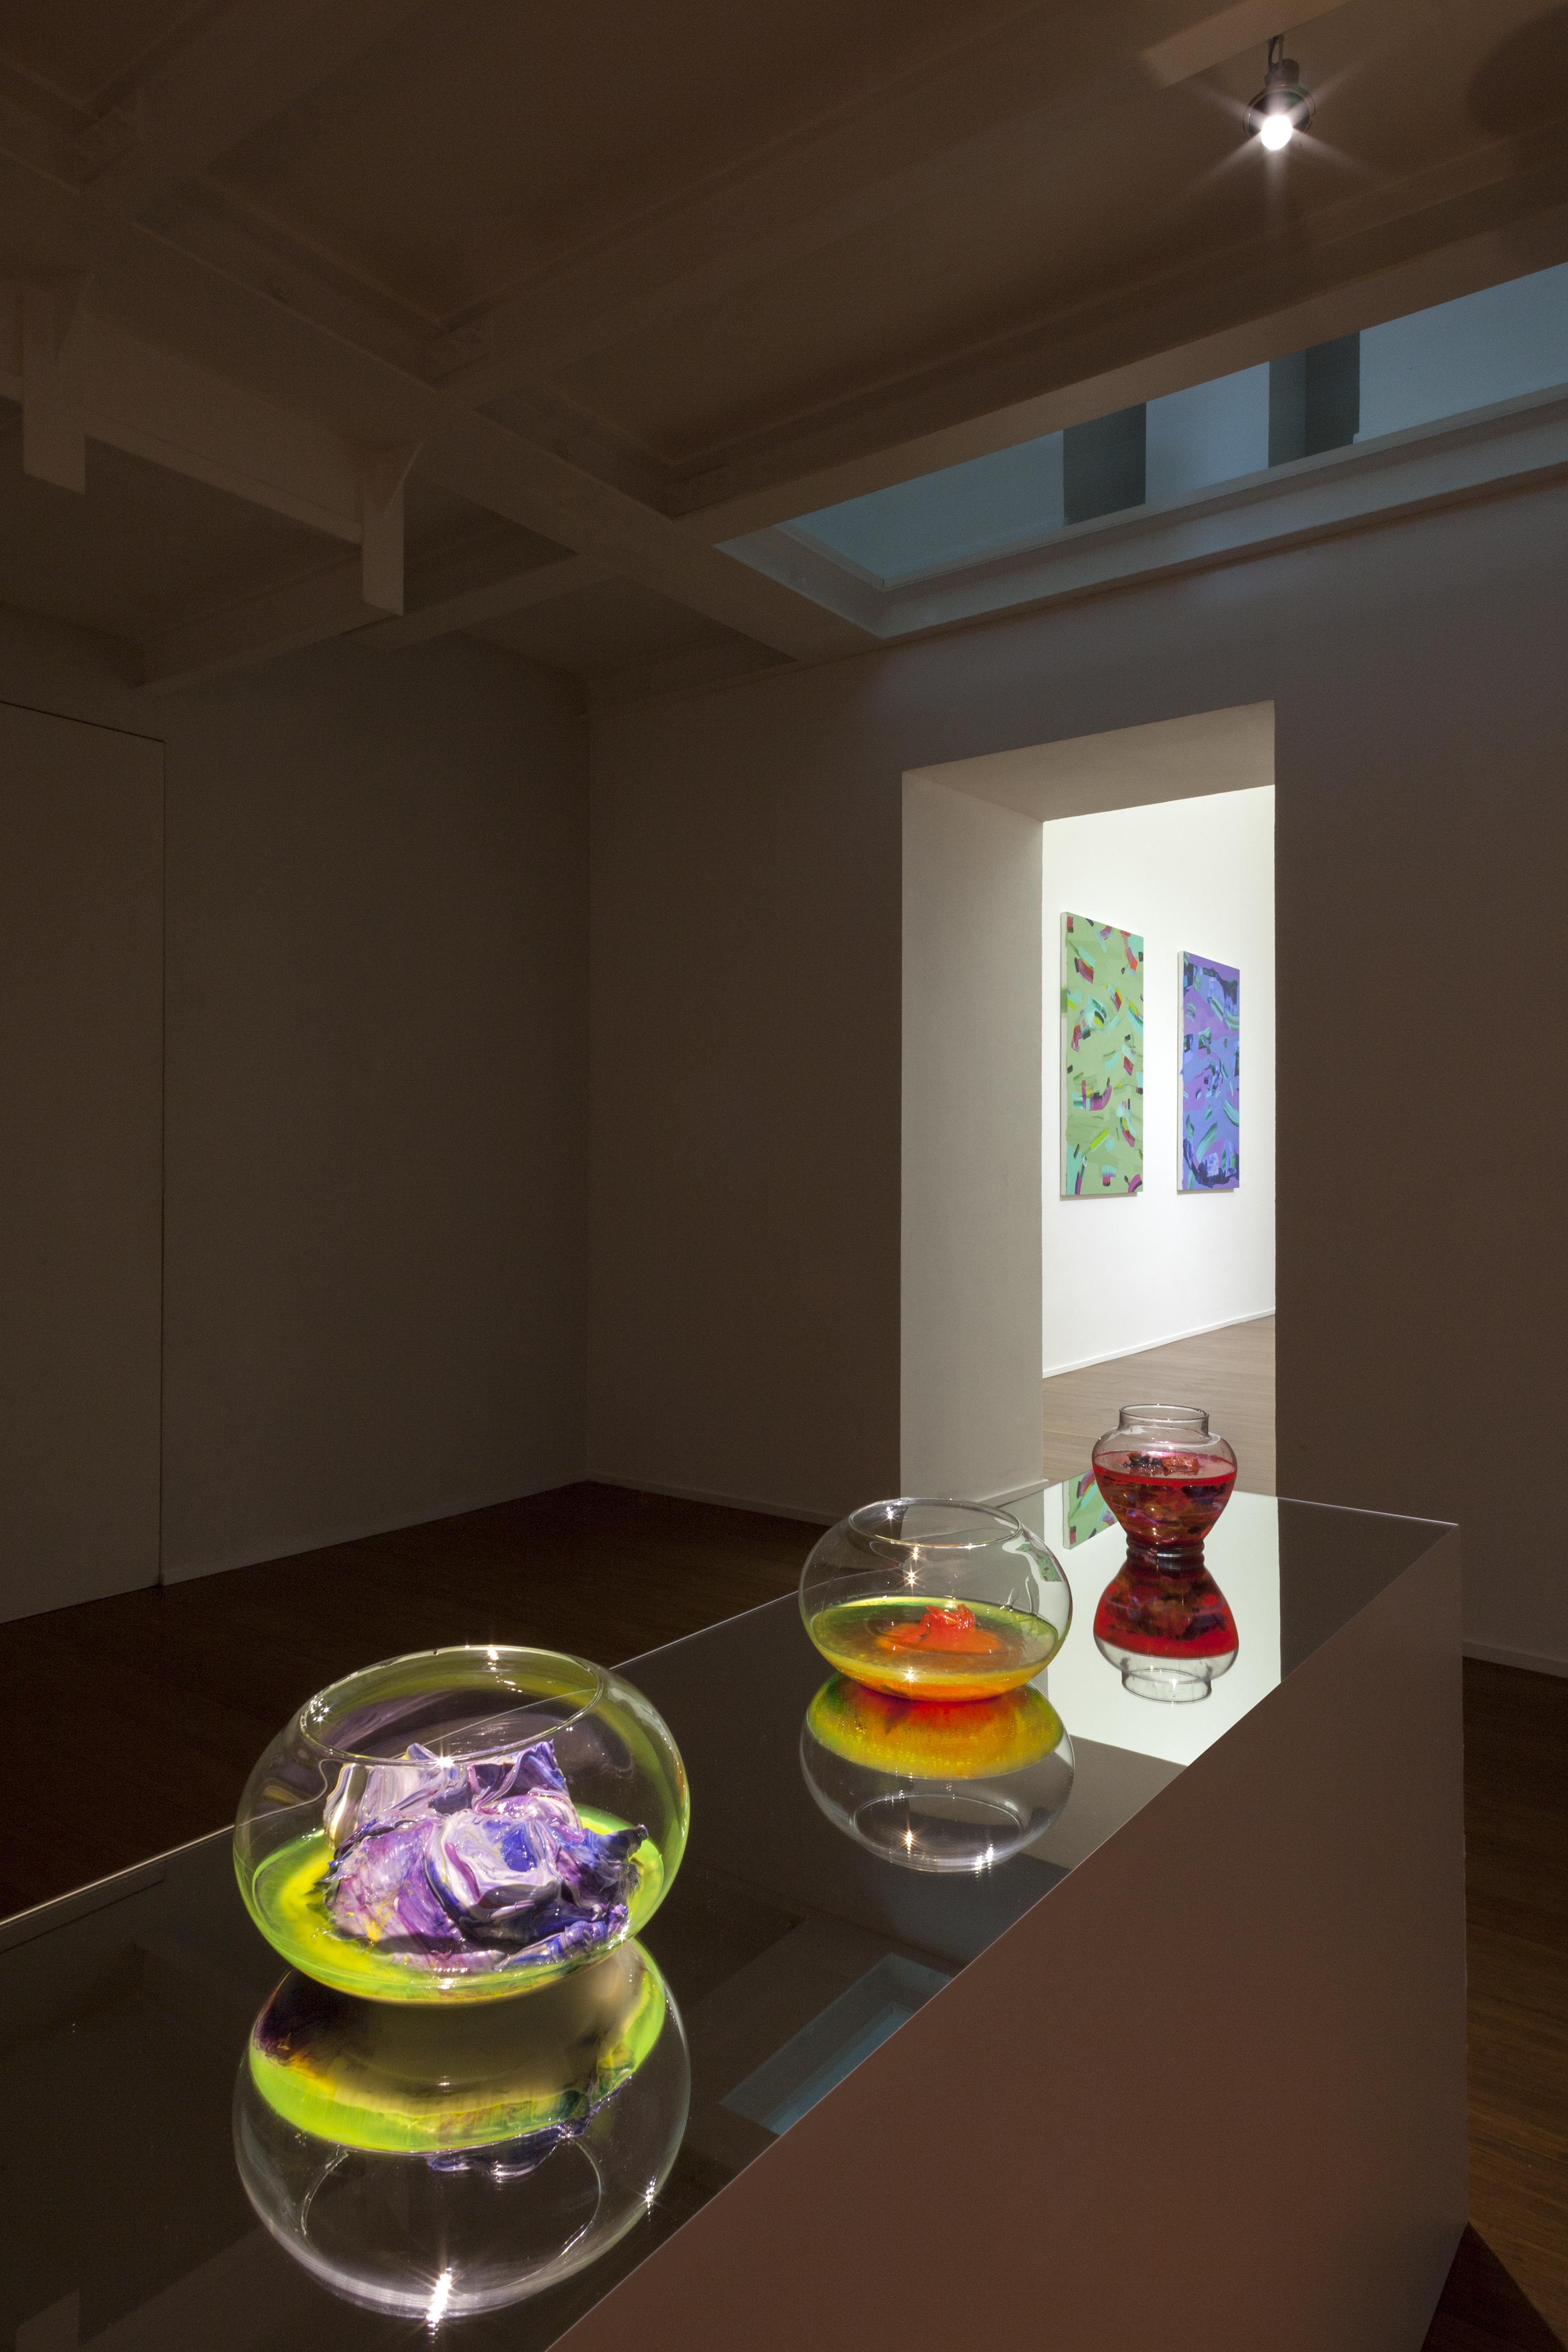 Isabella Nazzarri, Clinamen, allestimento sala Specchio, veduta della mostra da ABC-ARTE Genova